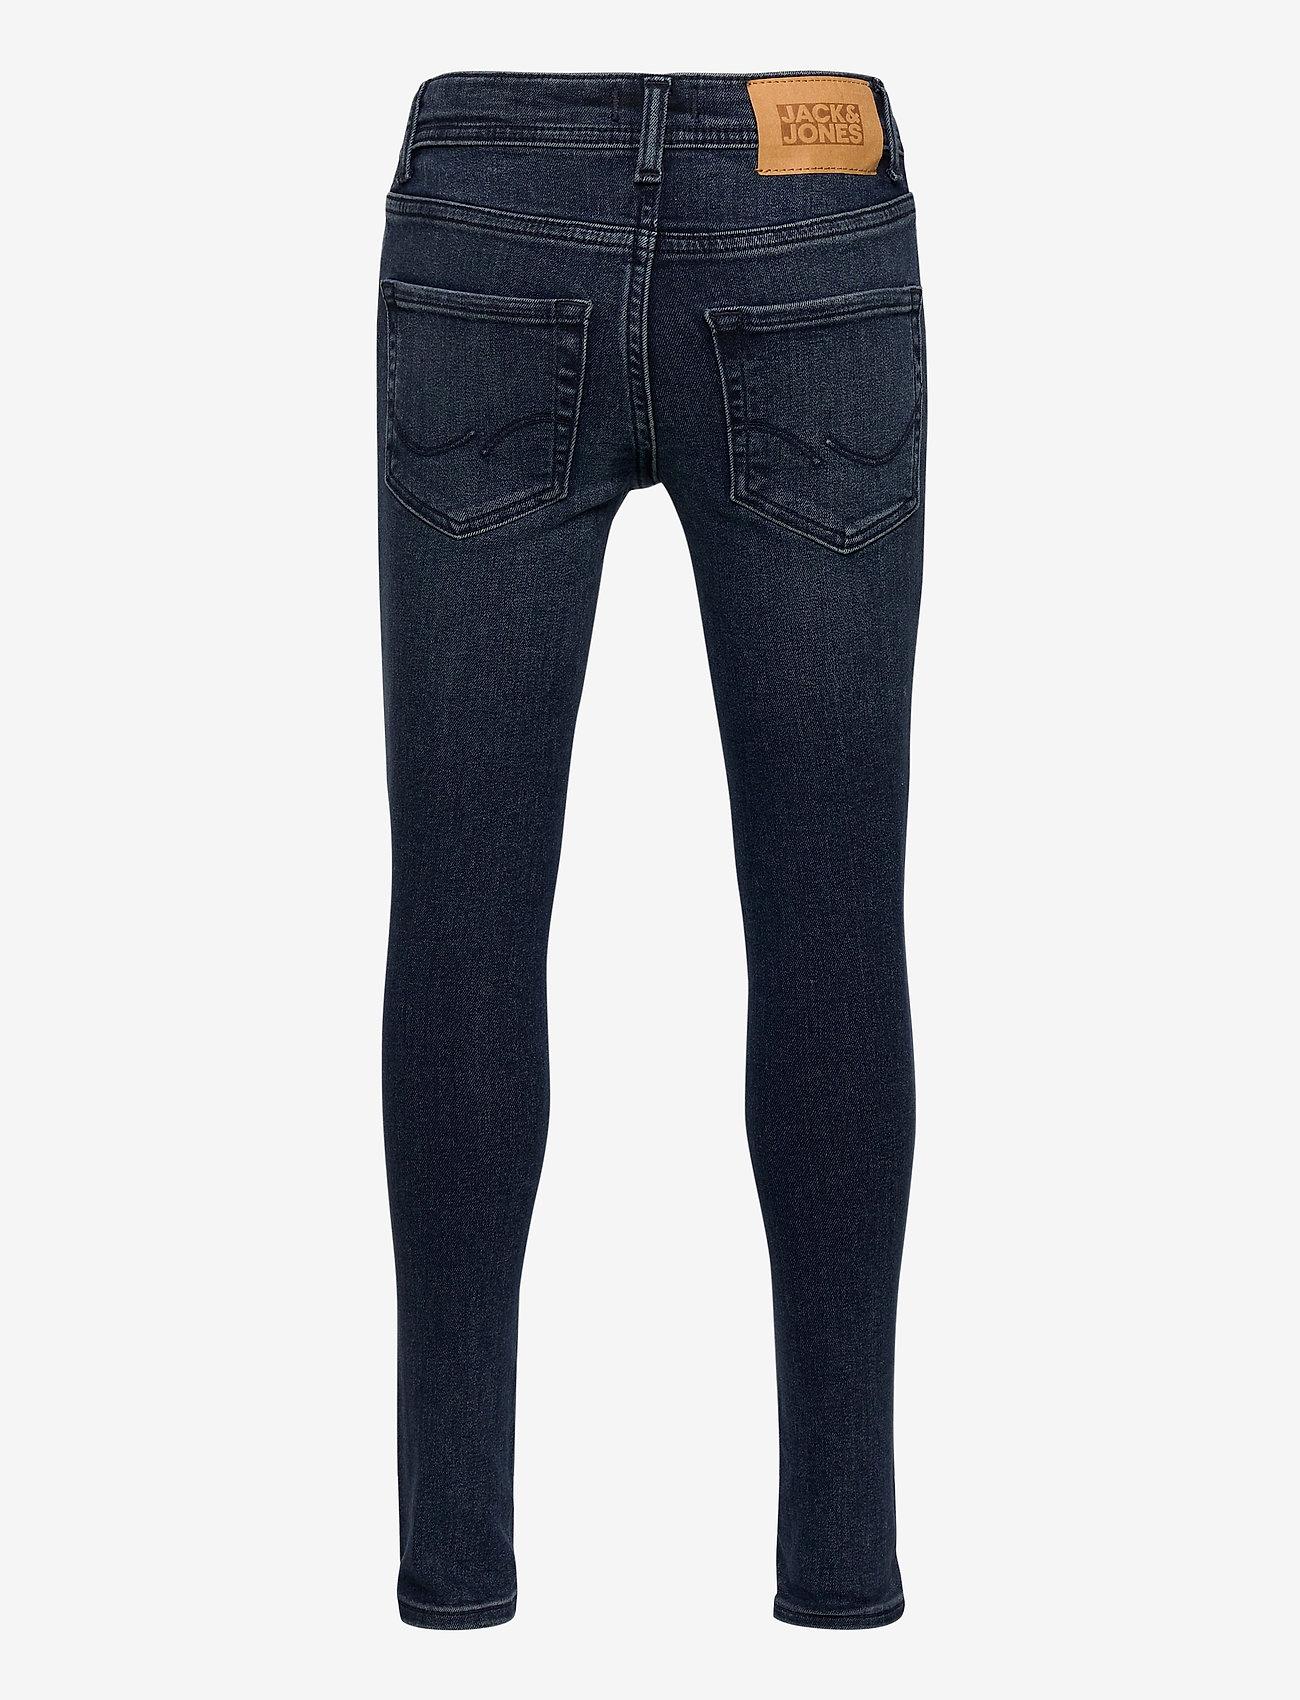 Jack & Jones - JJILIAM JJORIGINAL AM 812 NOOS JR - jeans - blue denim - 1